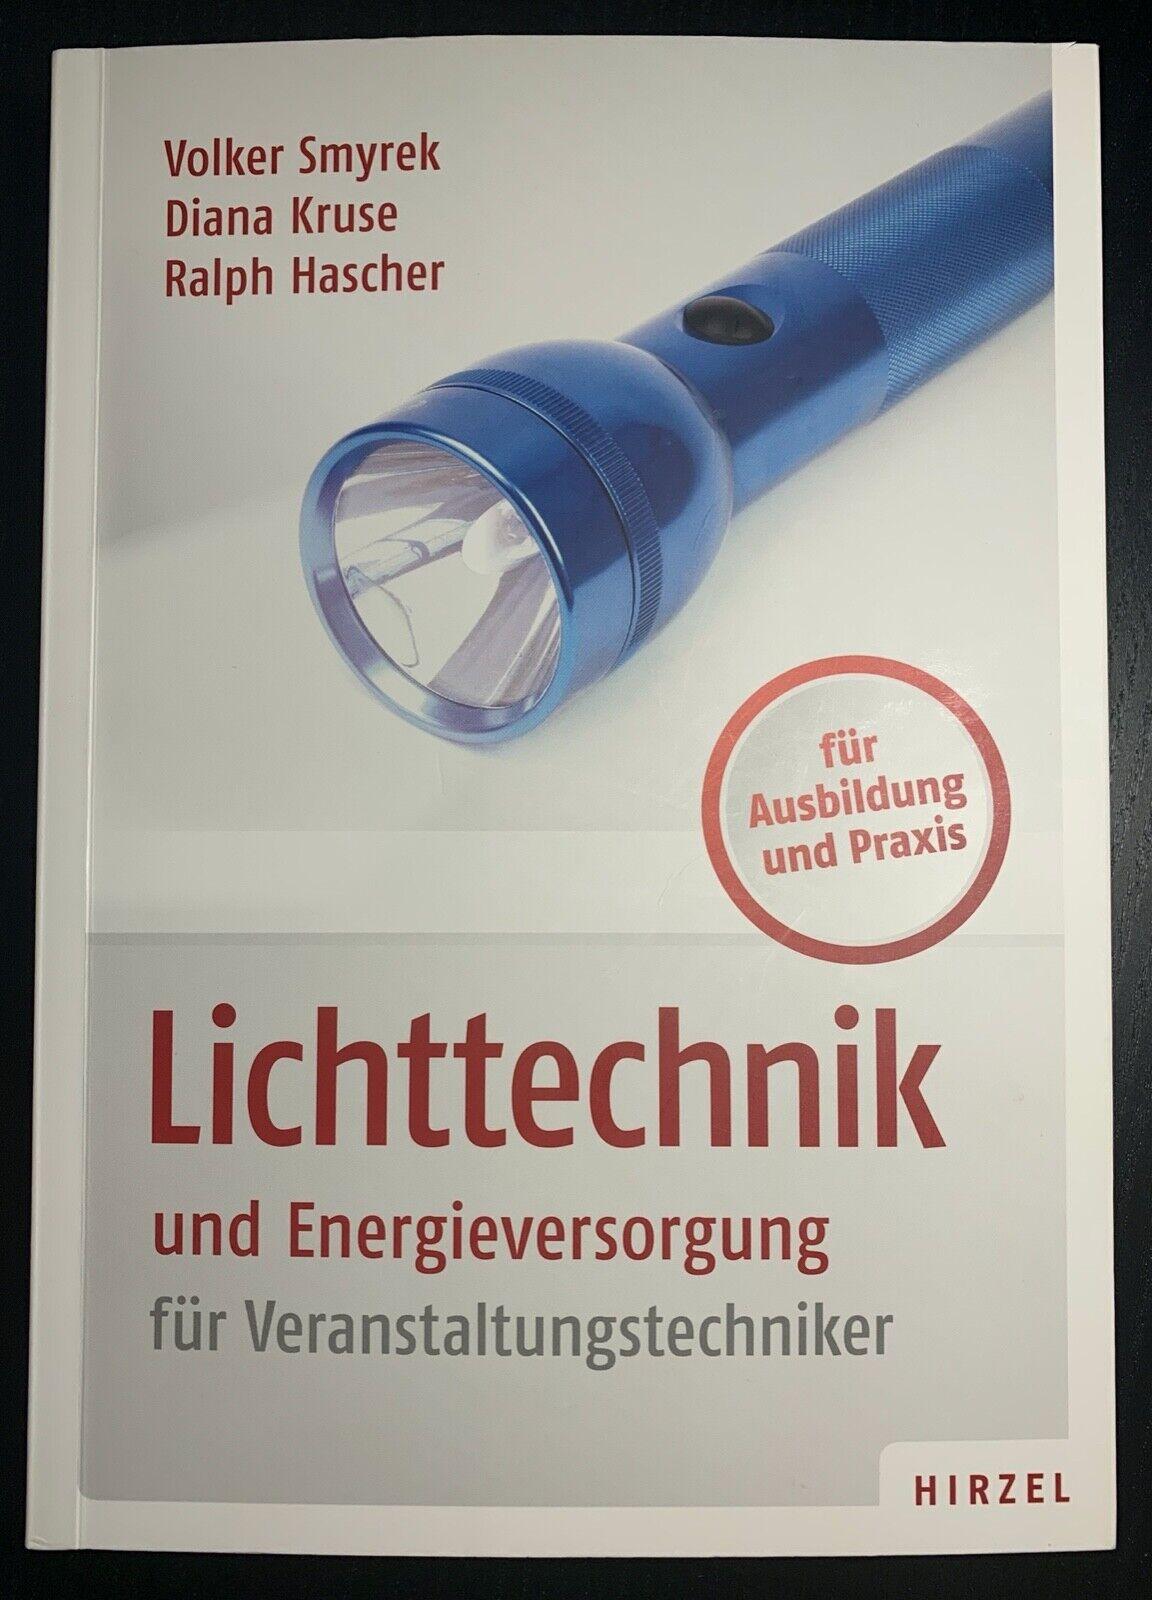 Lichttechnik und Energieversorgung   Volker Smyrek, Diana Kruse, Ralph Hascher - Volker Smyrek, Diana Kruse, Ralph Hascher